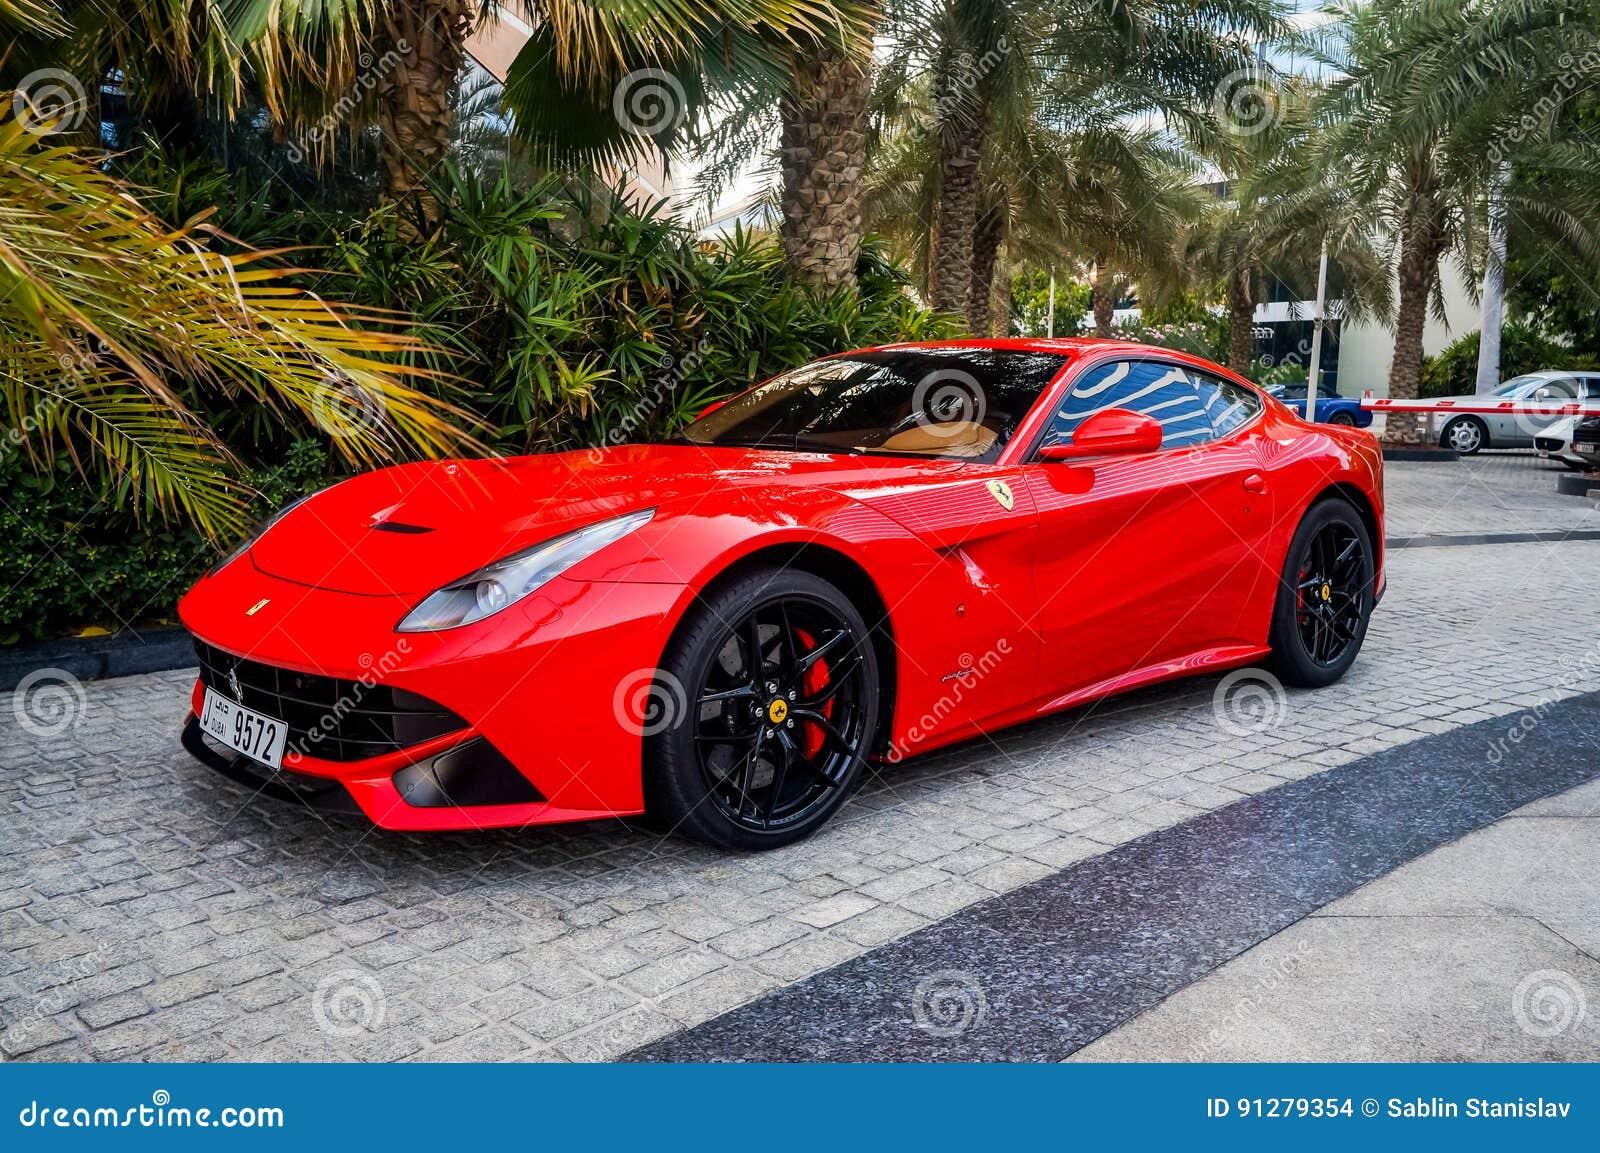 Dubai Sommar 2016 Dubai Sommar 2016 Lyxig röd bil framme av den hotellMadinat Jumeirah minaen en Salam